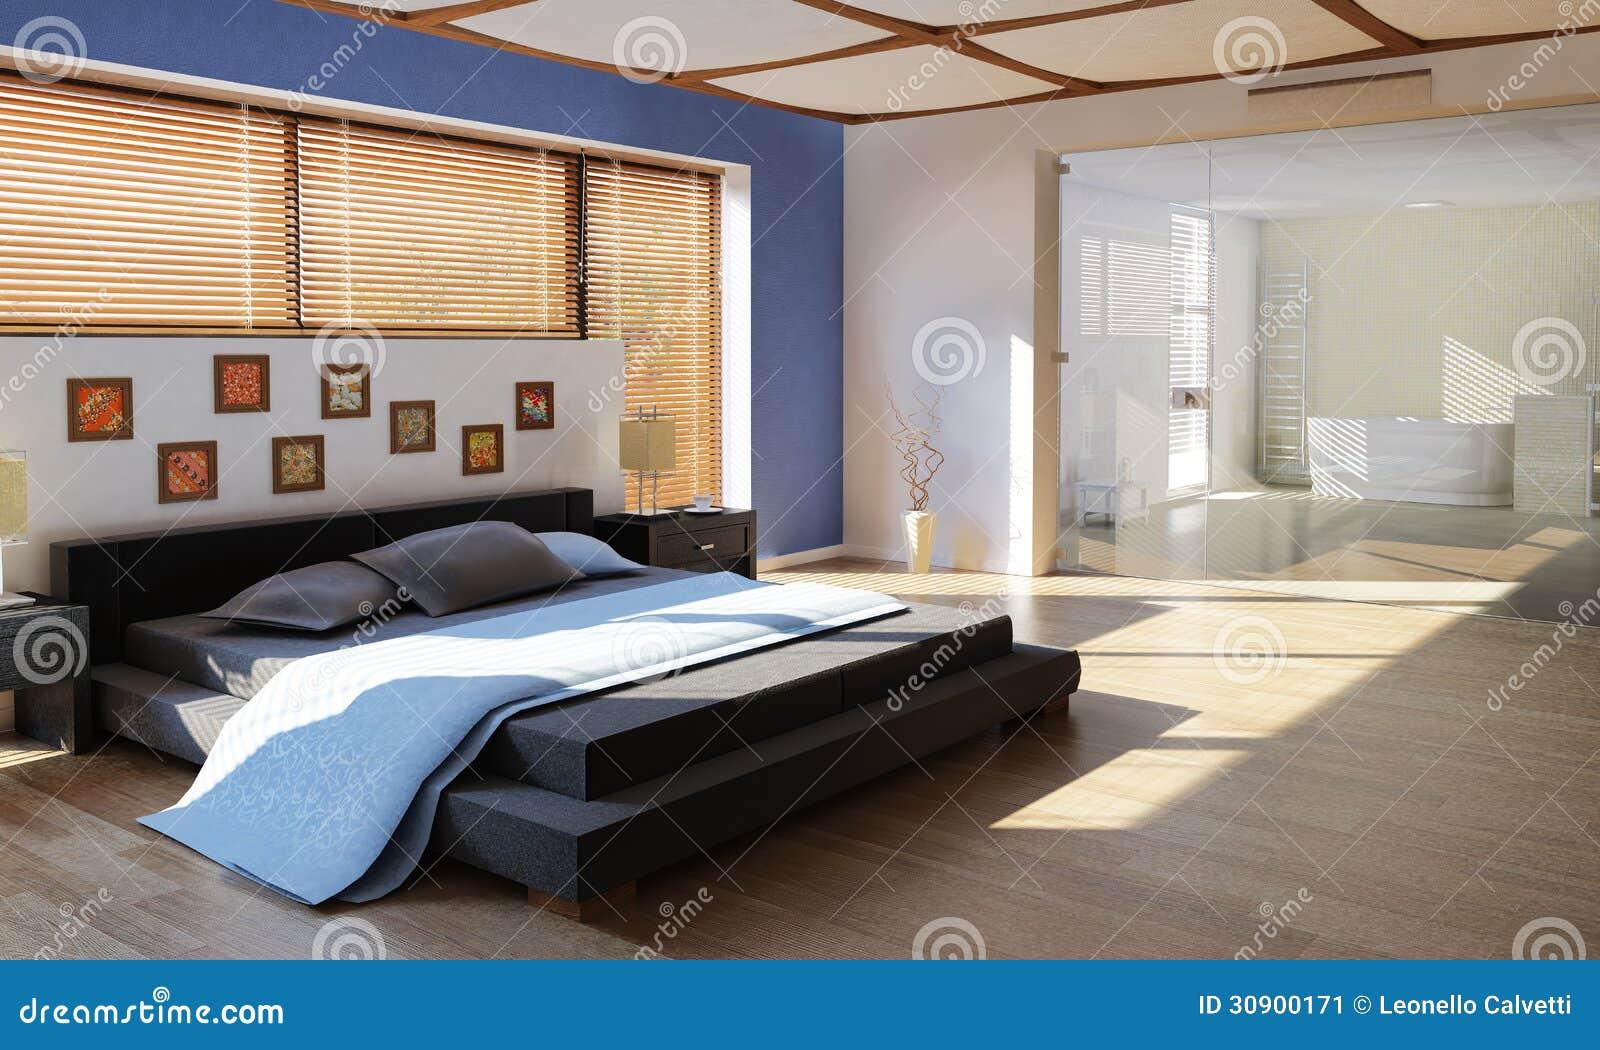 chambre coucher de luxe moderne avec la salle de bains - Salle De Bain Moderne De Luxe